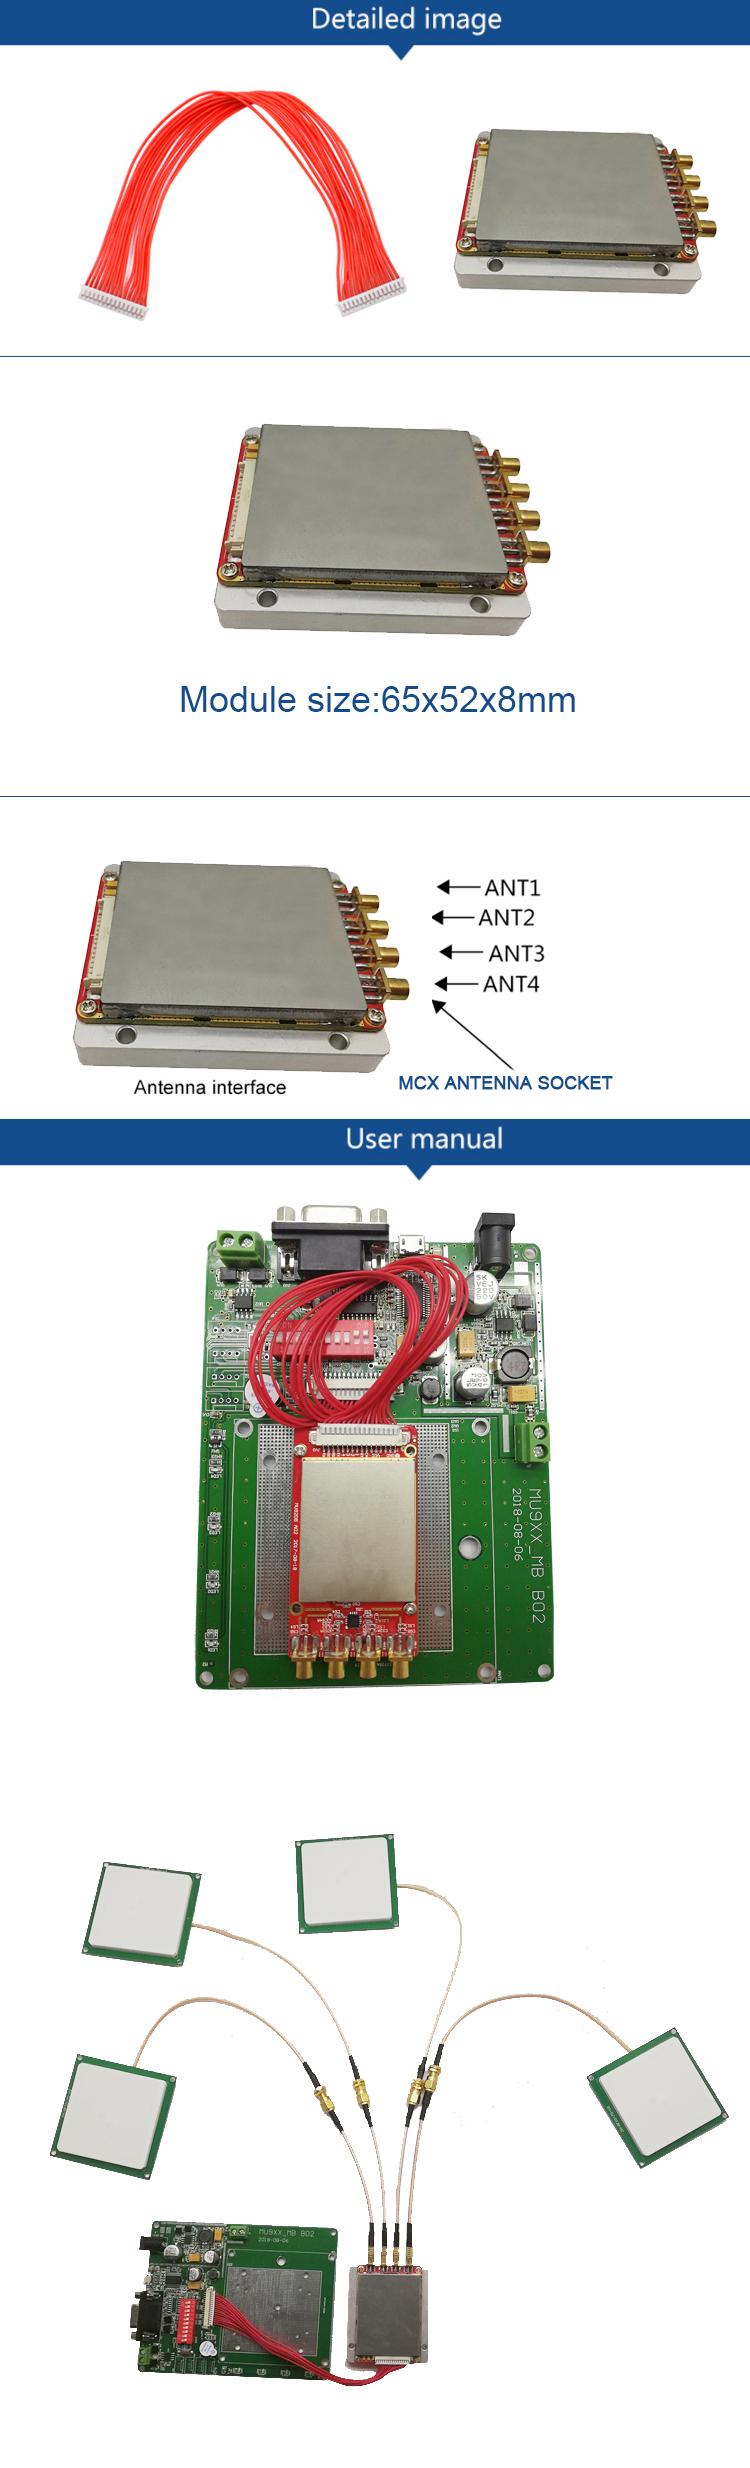 Uhf Rfid Reader Module For Raspberry Pi - Buy Uhf Rfid Reader Module,Uhf  Rfid Reader Module For Raspberry Pi,Rfid Module Iso 18000 6c Product on